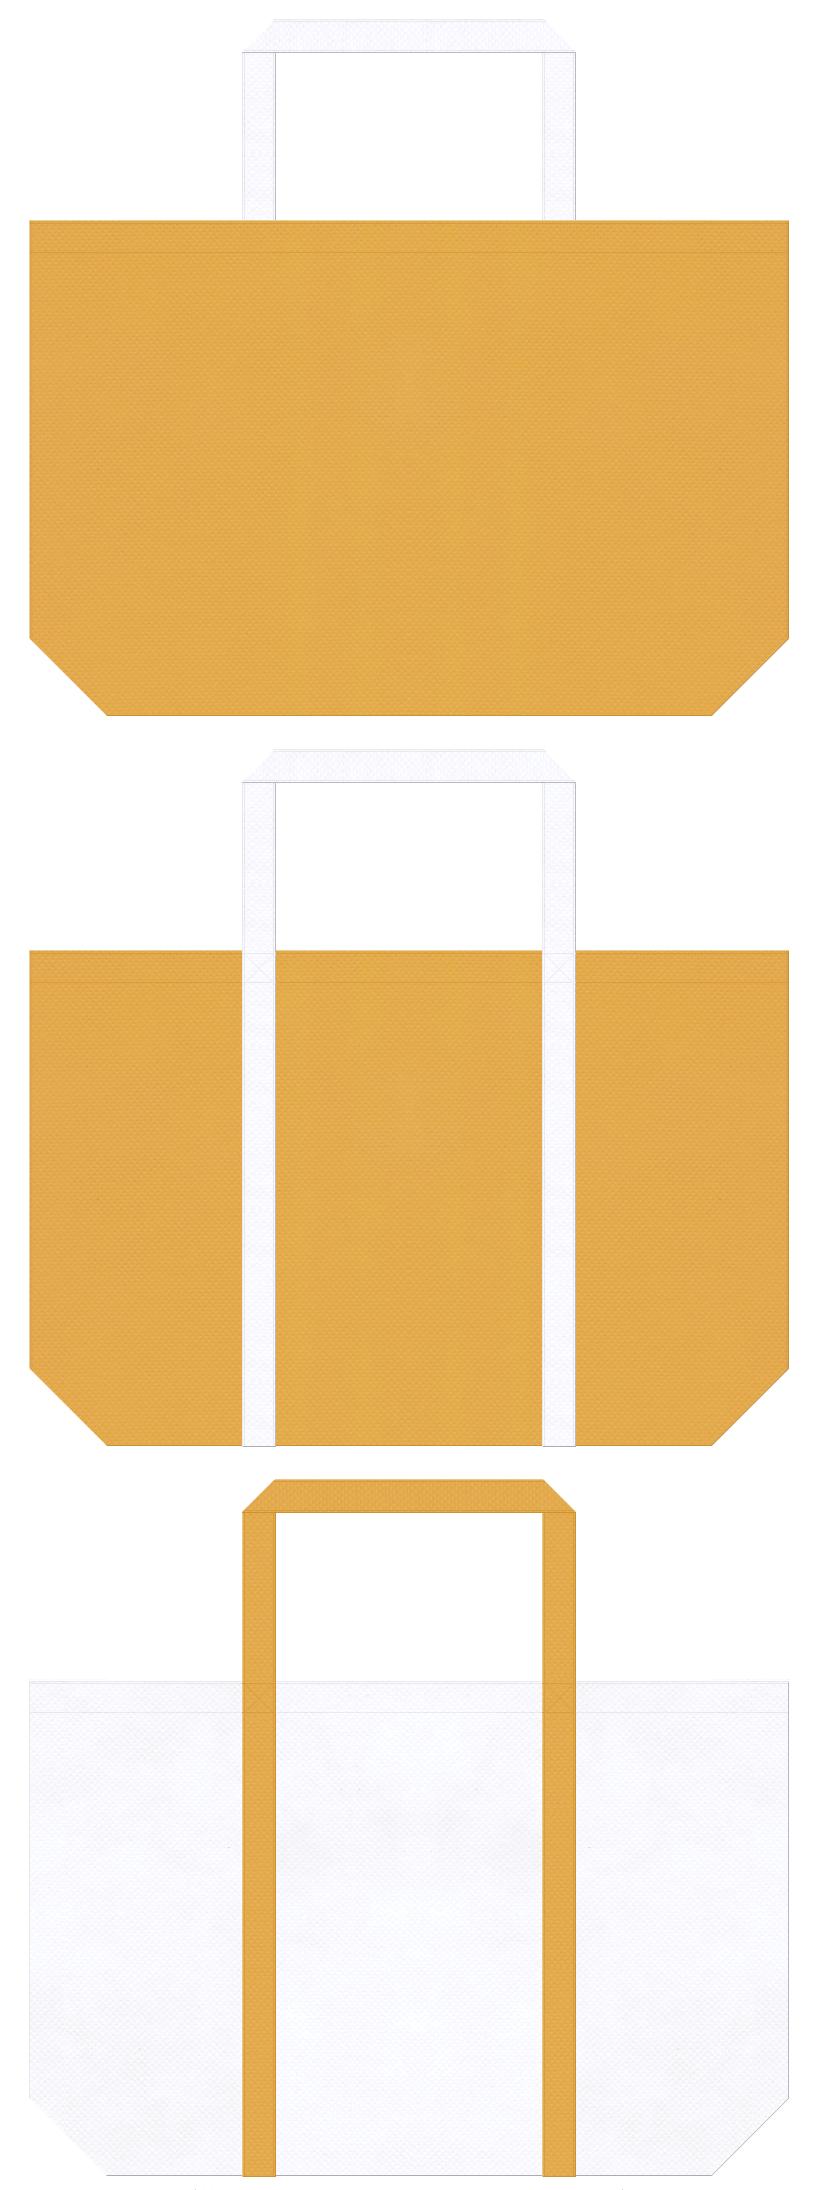 黄土色と白色の不織布ショッピングバッグデザイン